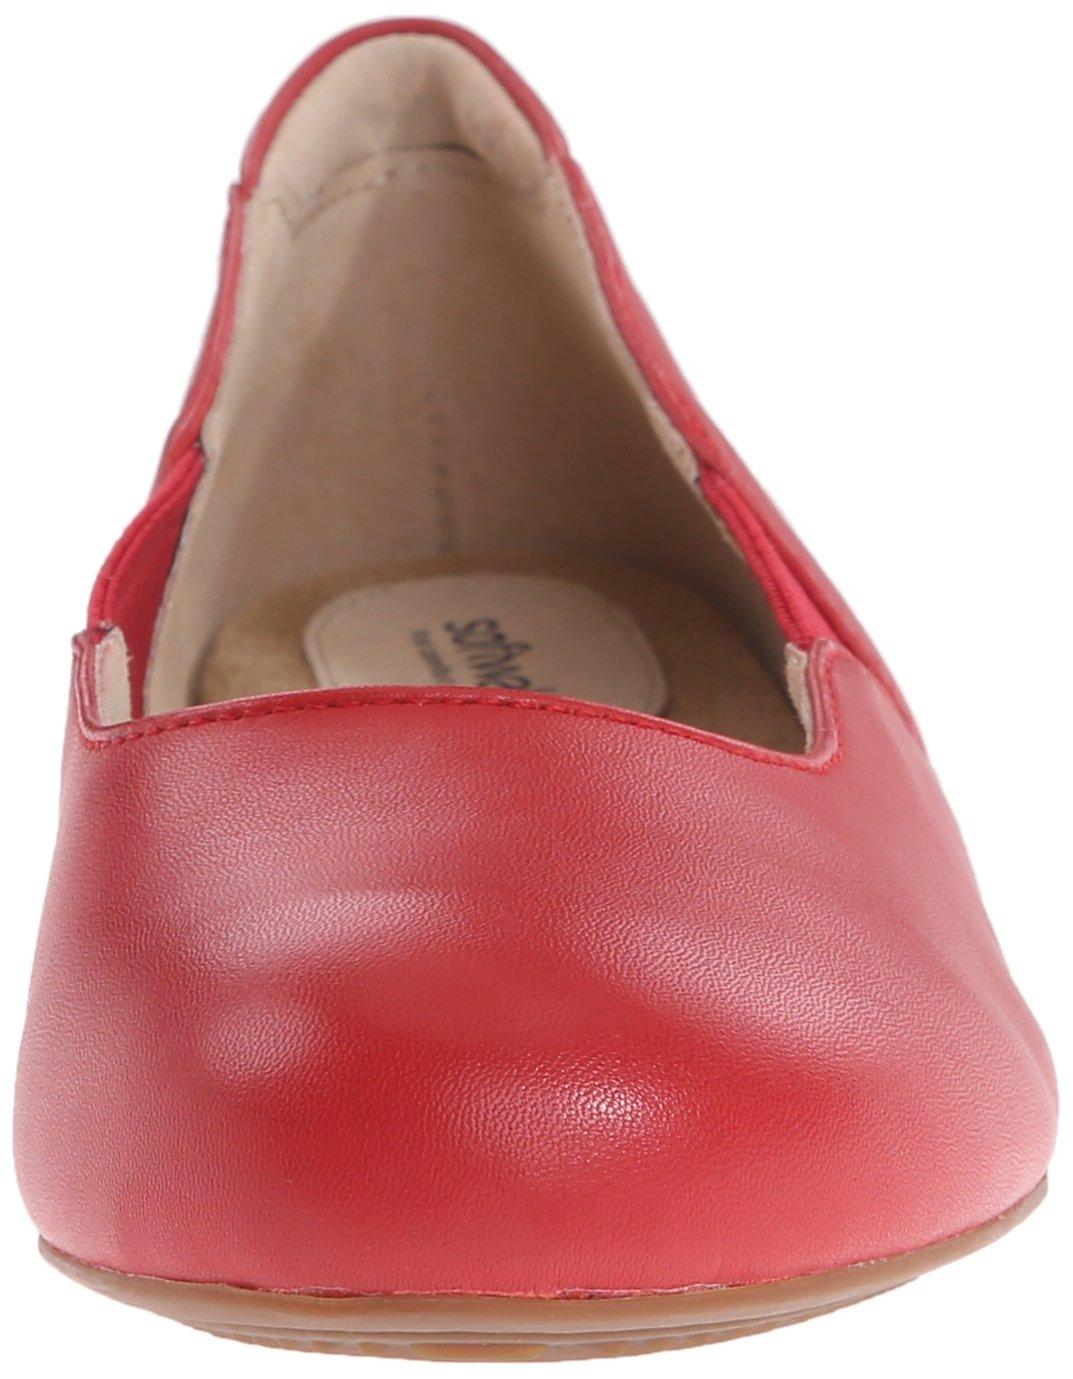 SoftWalk Women rojo s Norwich Ballet Norwich Flat 19943 rojo 7b403be ...